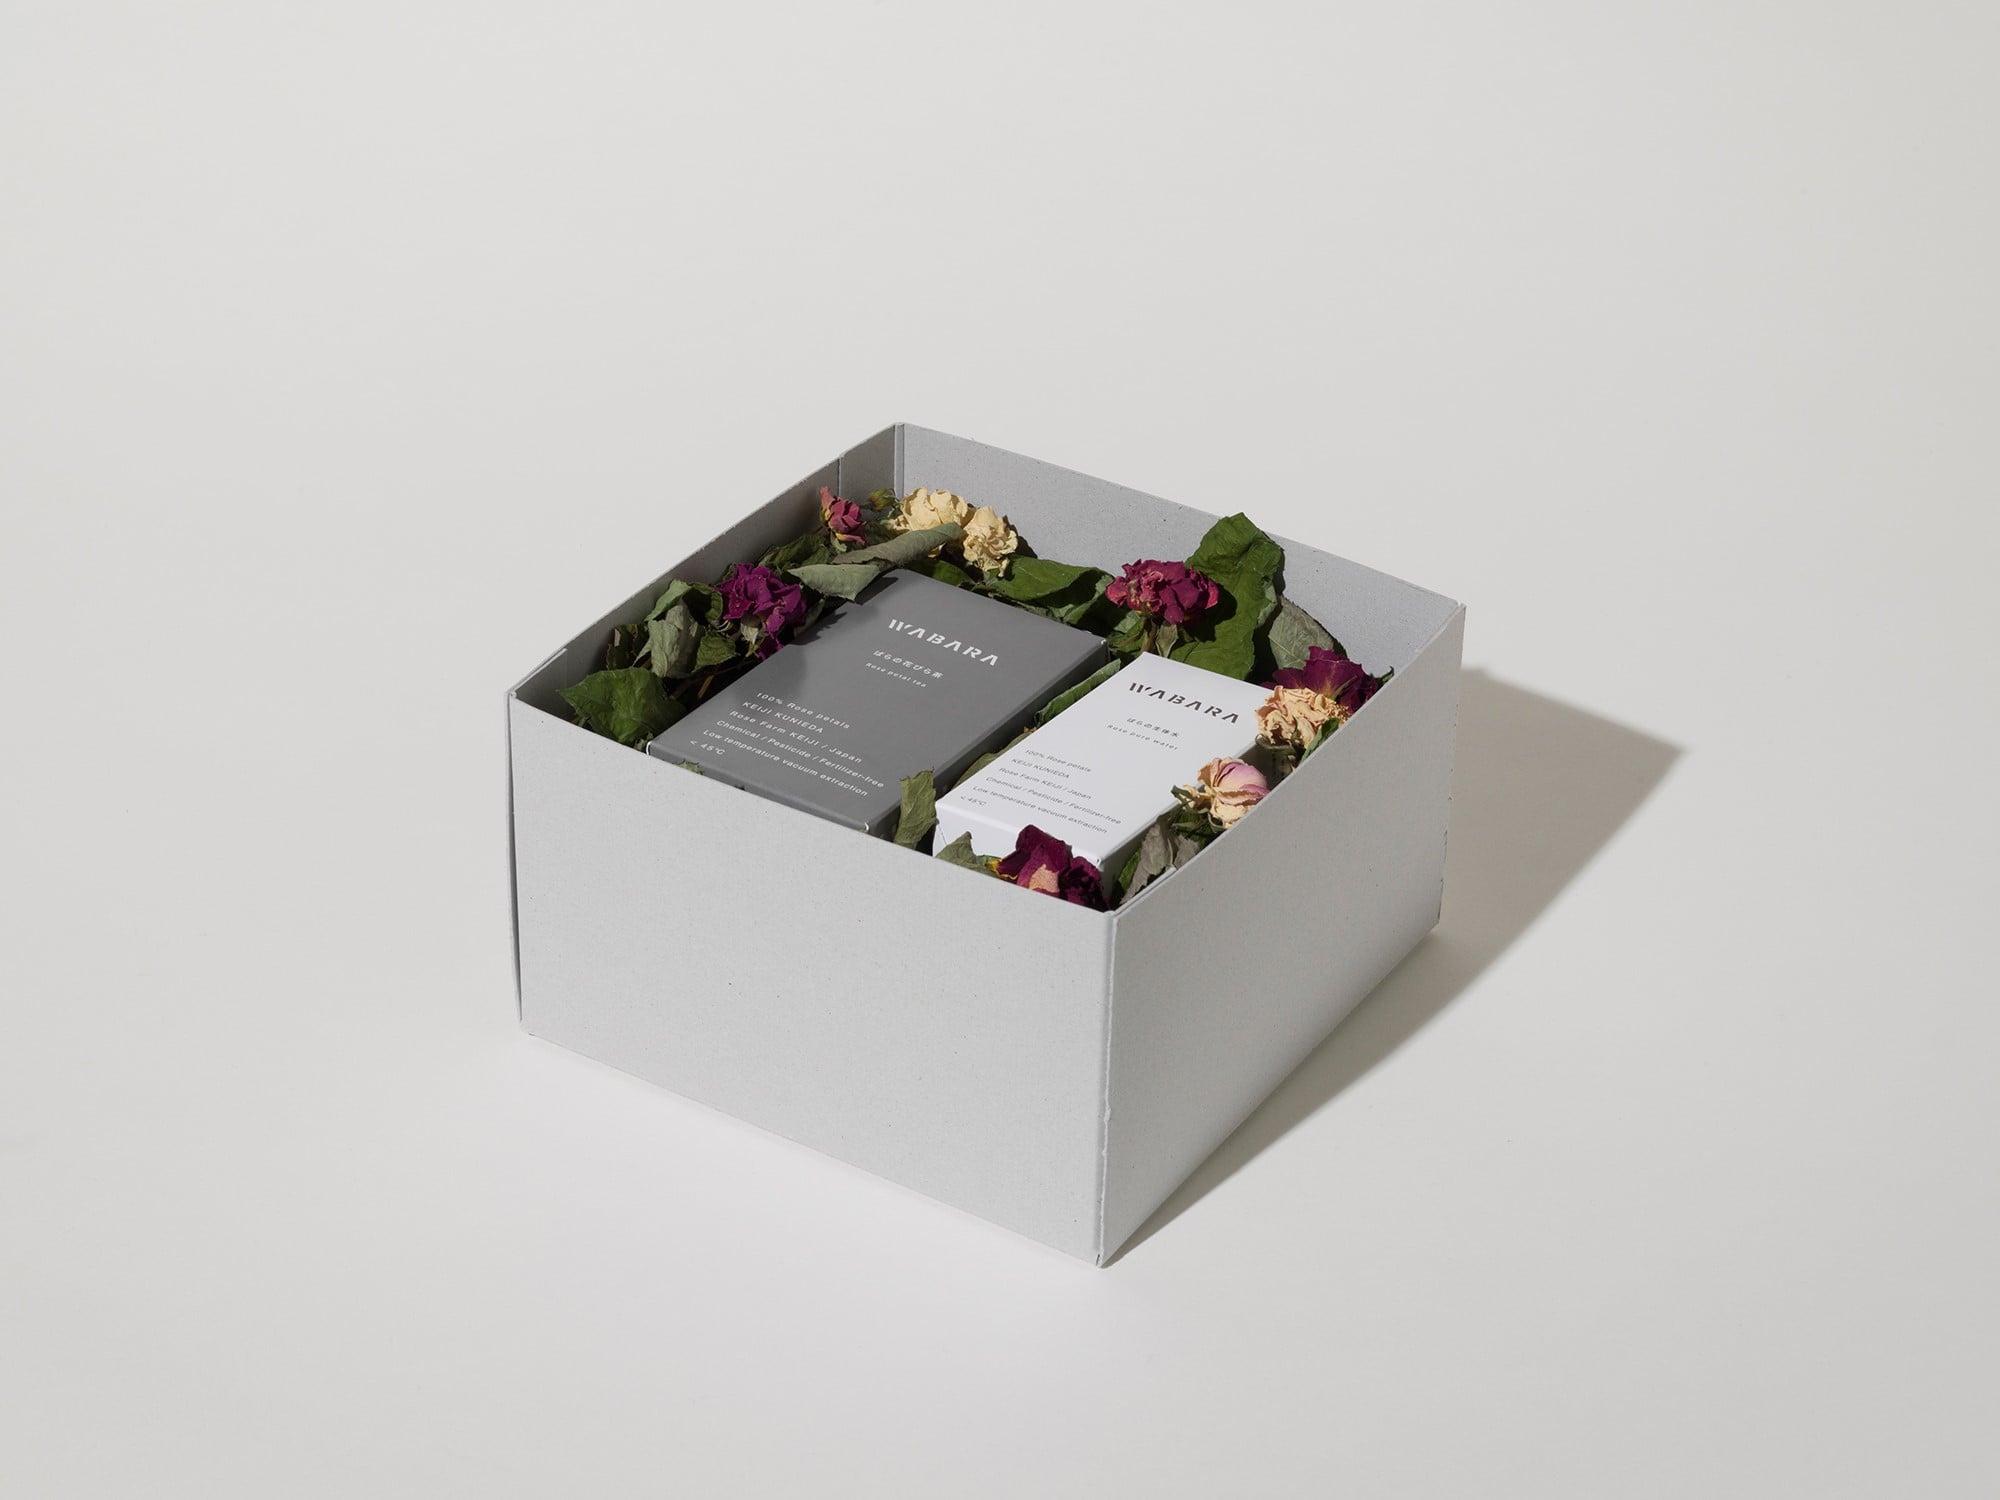 「ばらの生体水」、「ばらの花びら茶」の2種類をセットにしたギフトも。© Gottingham